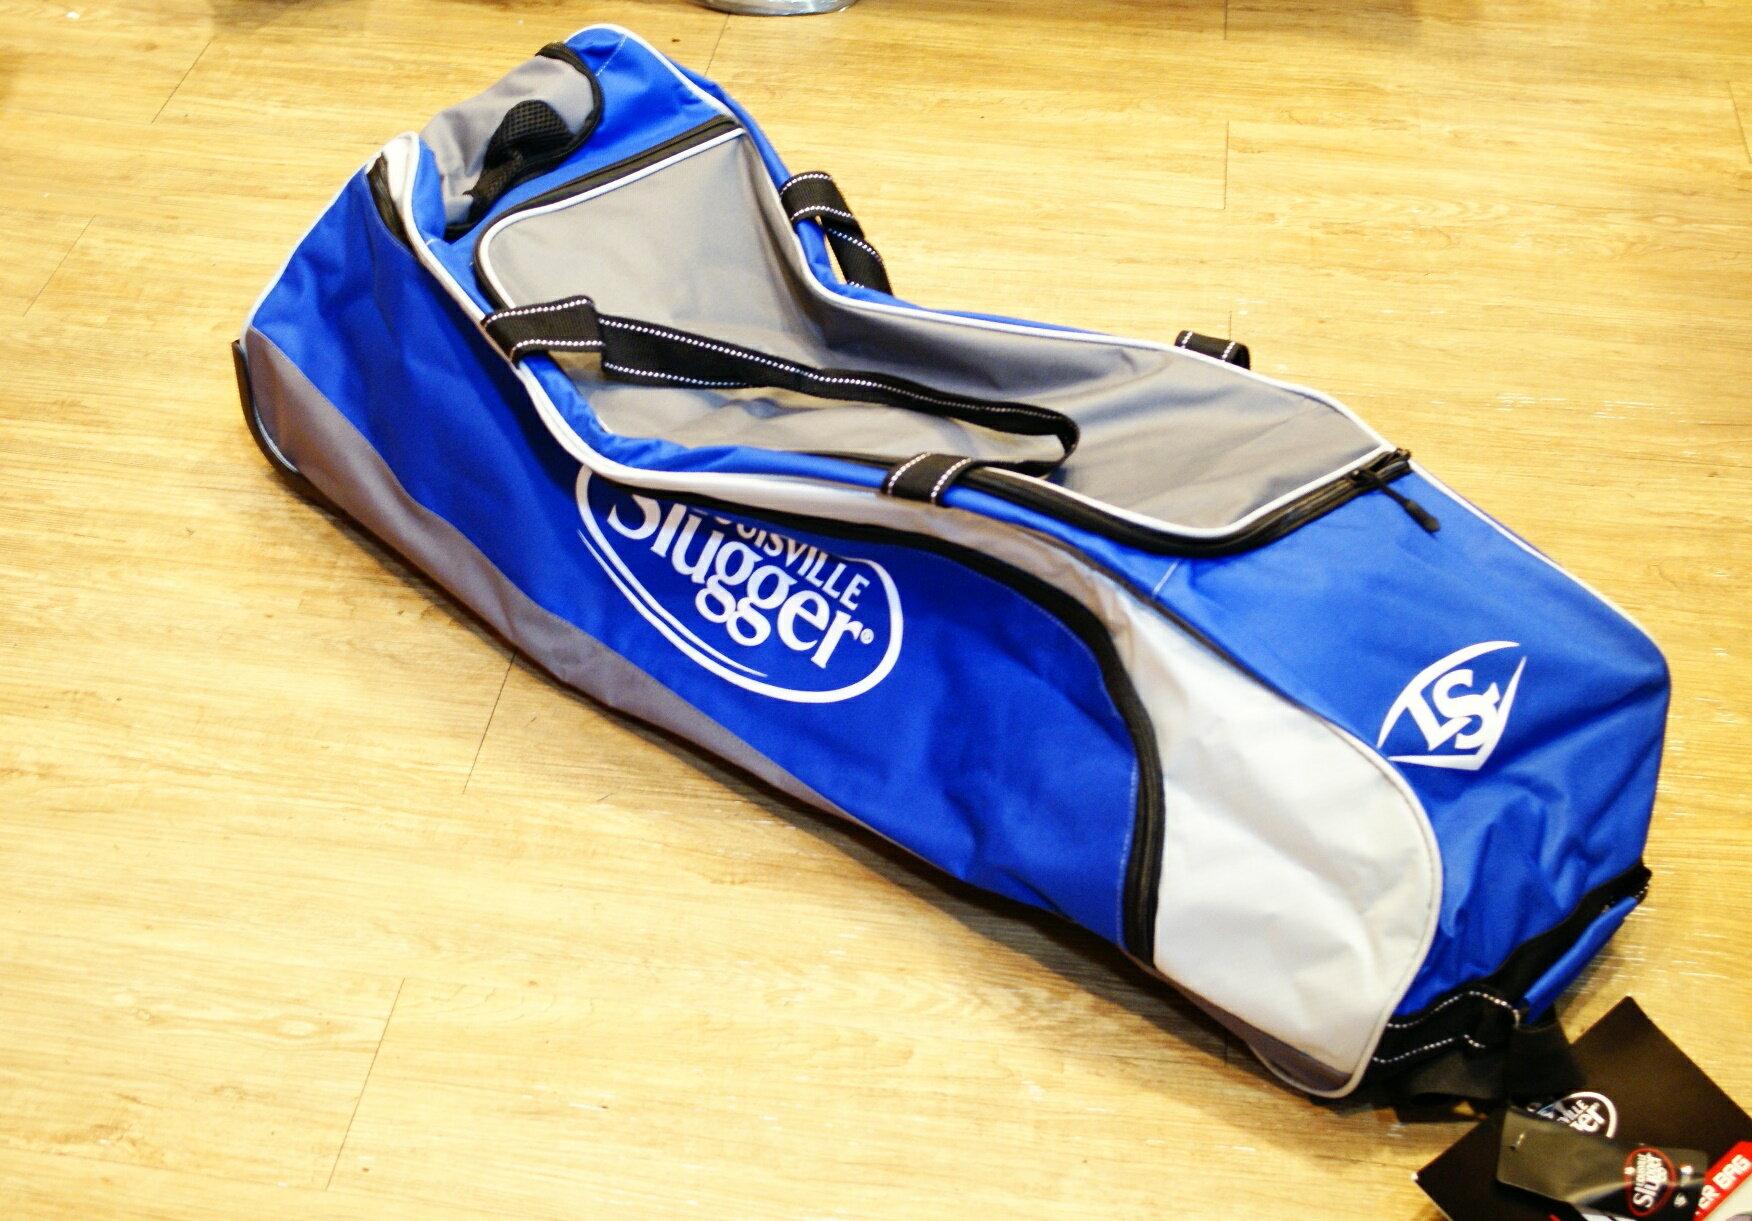 棒球世界 Louisville Slugger 新款美式滾輪大型裝備袋(LEBS314RG)~ 特價